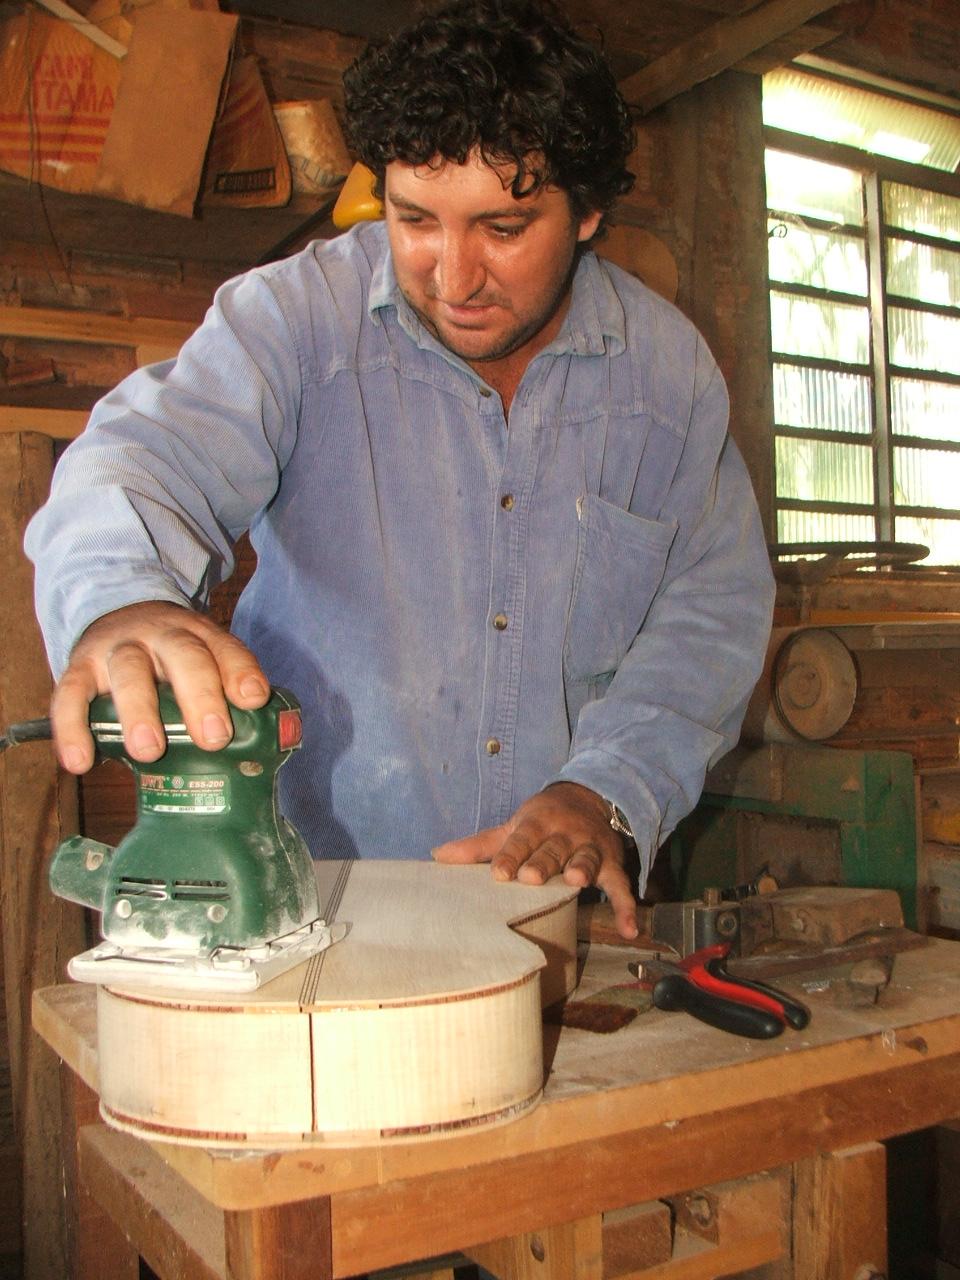 Luthier lixa uma viola caipira (Foto: David Arioch)